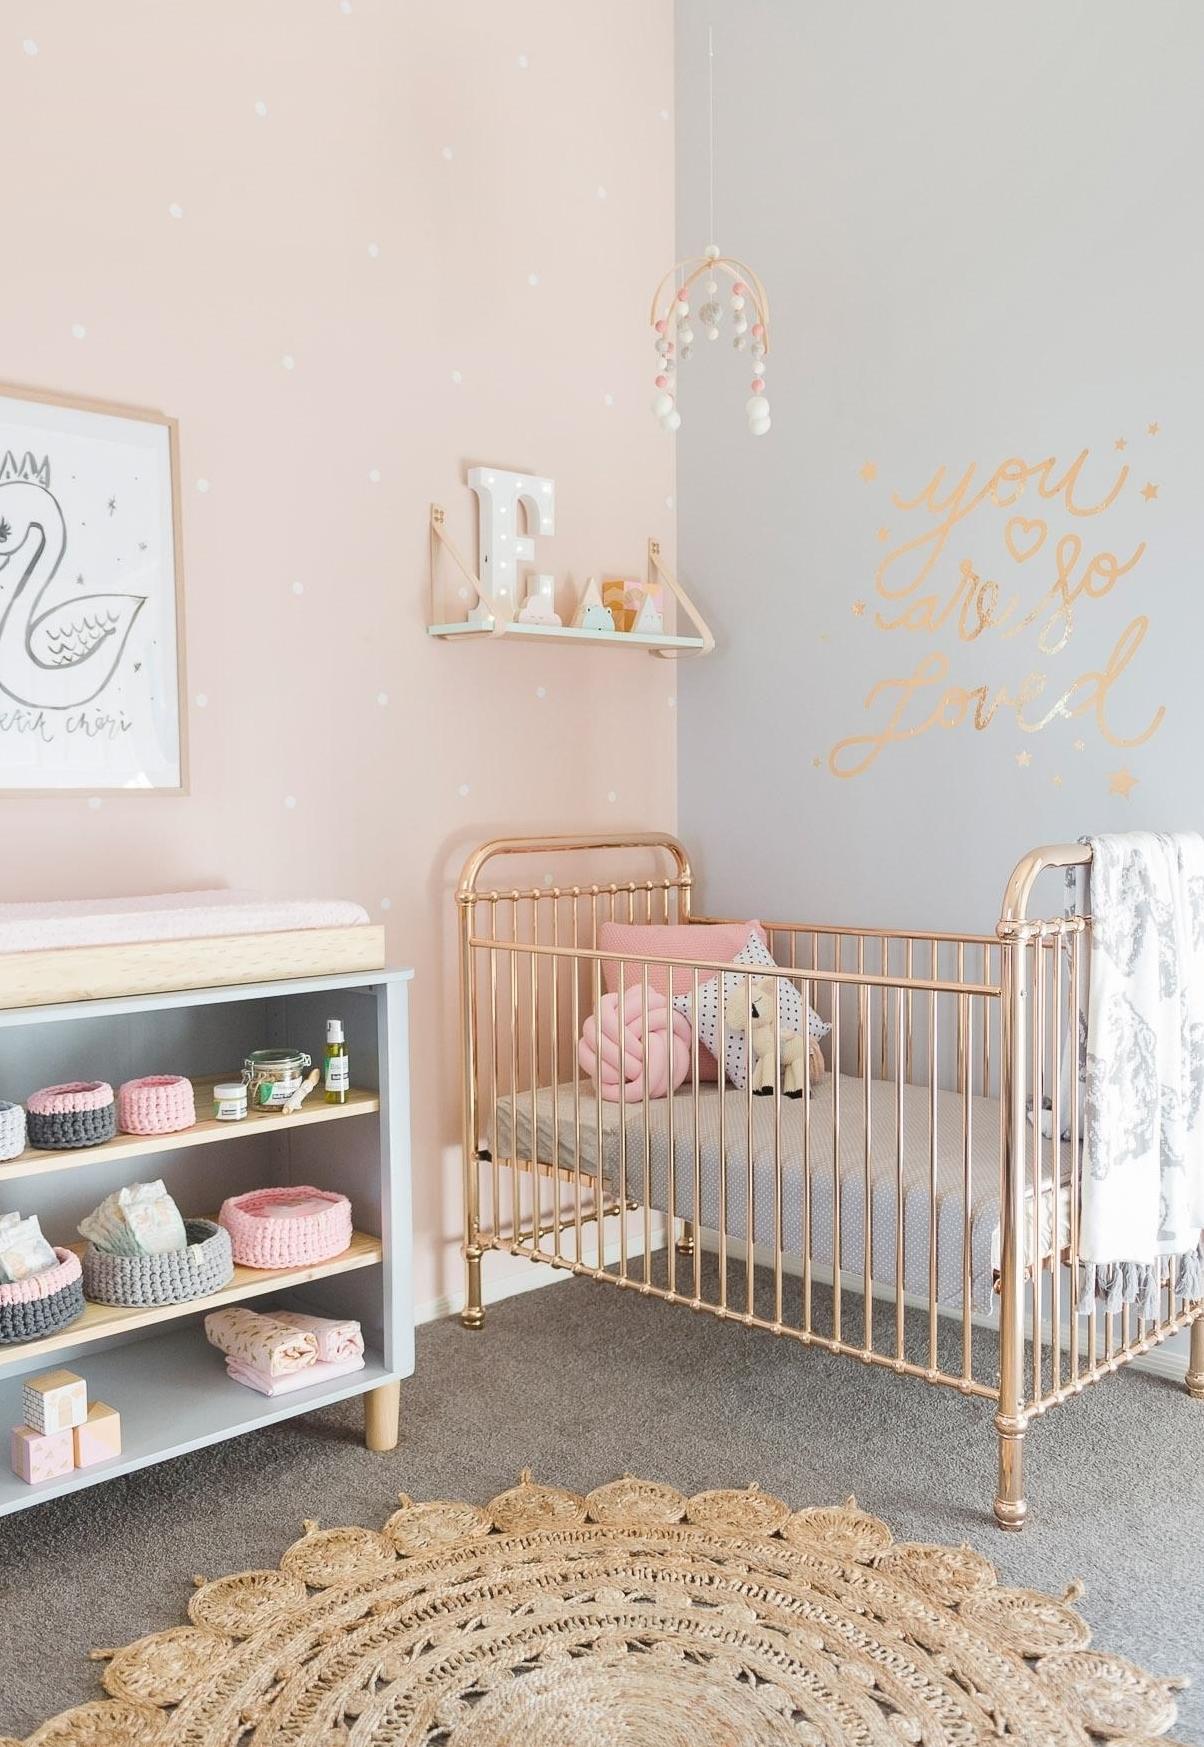 Numa decoração contemporânea para o quarto de bebê, a combinação rosa claro, cinza e dourado cria um ambiente super charmoso e elegante.